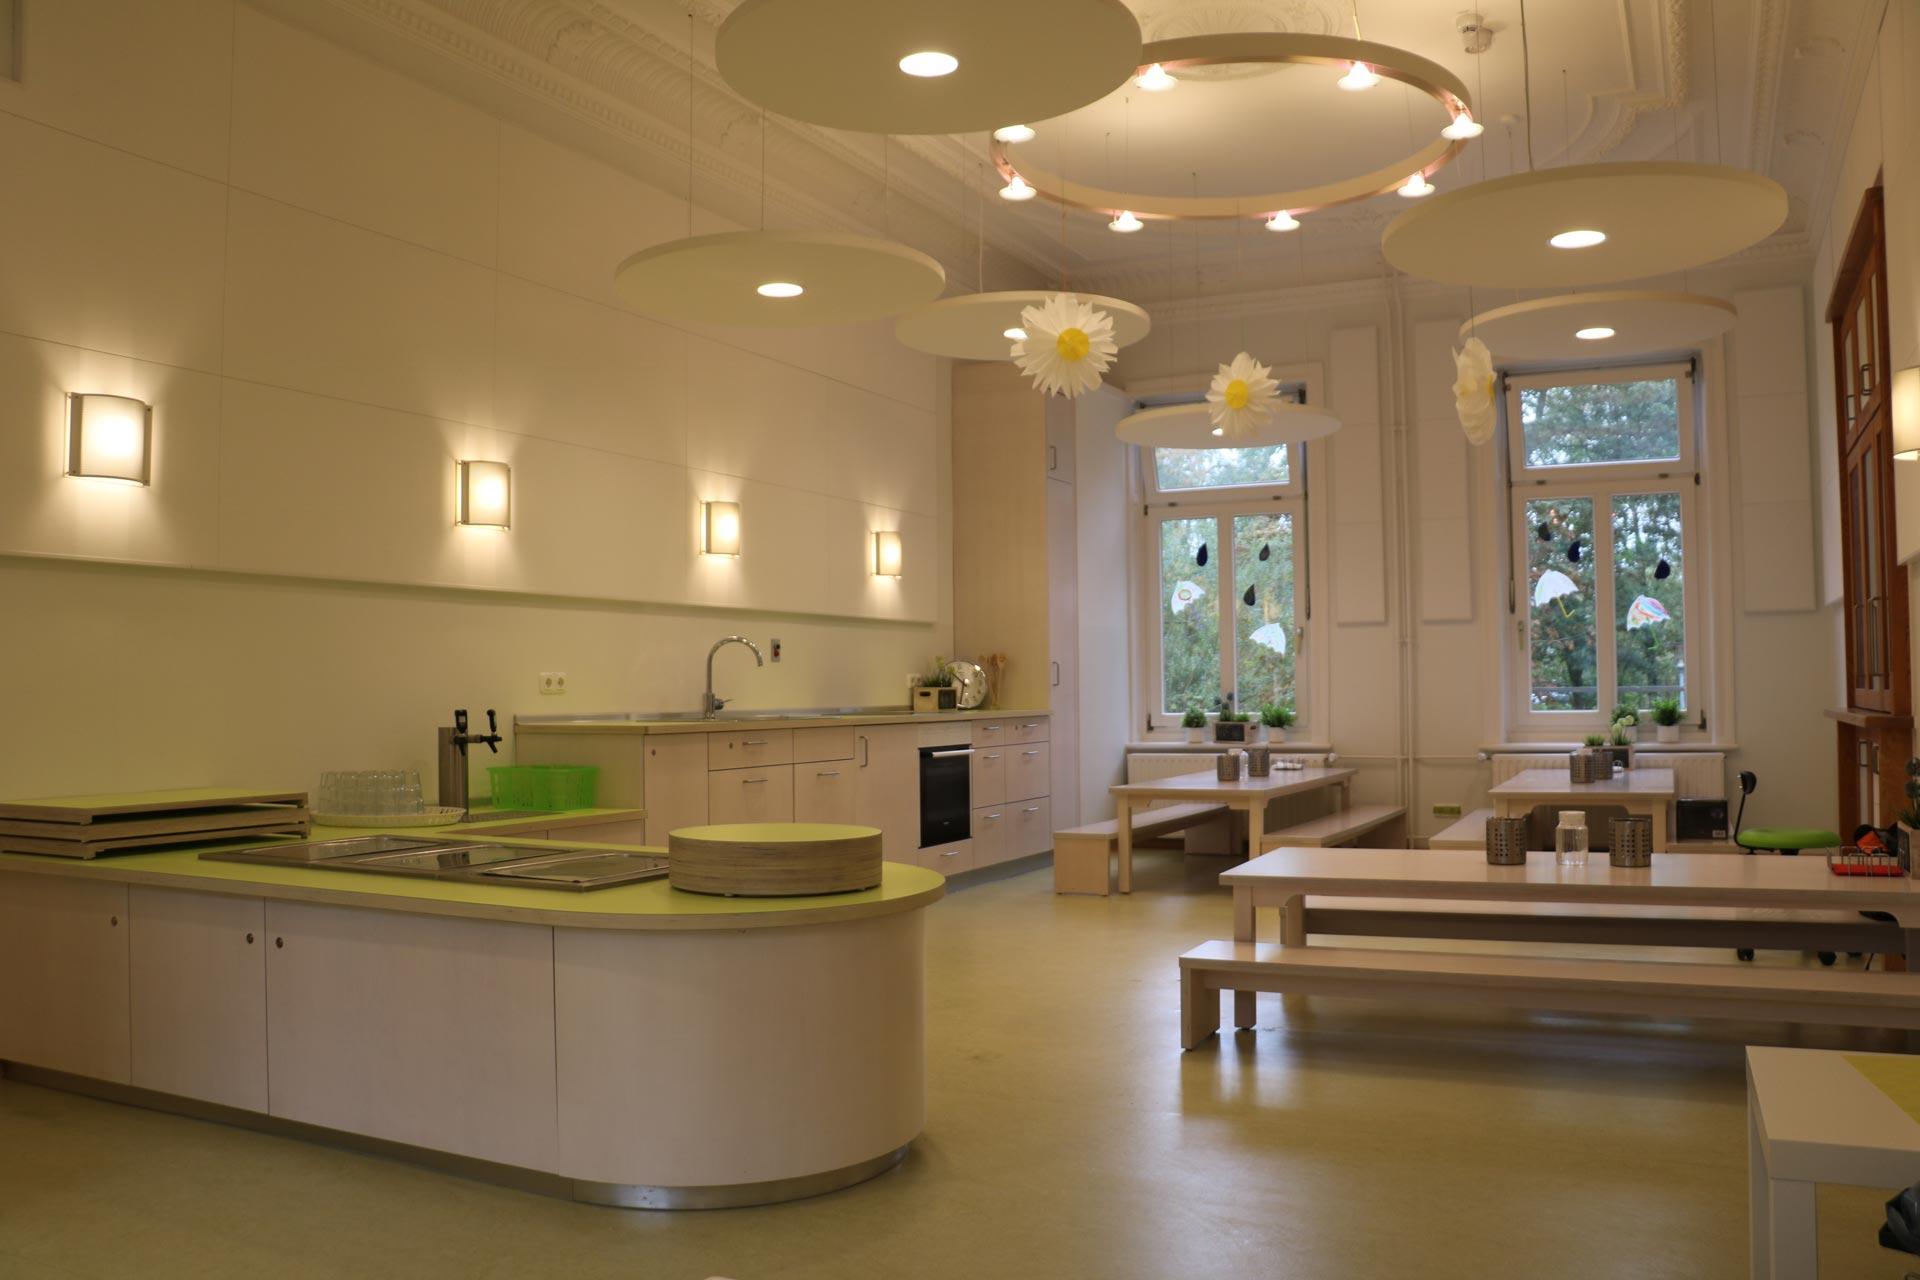 Tischlerei Artur Graumann GmbH in Hamburg | Kindergarteneinrichtungen | Restaurant Hamburg